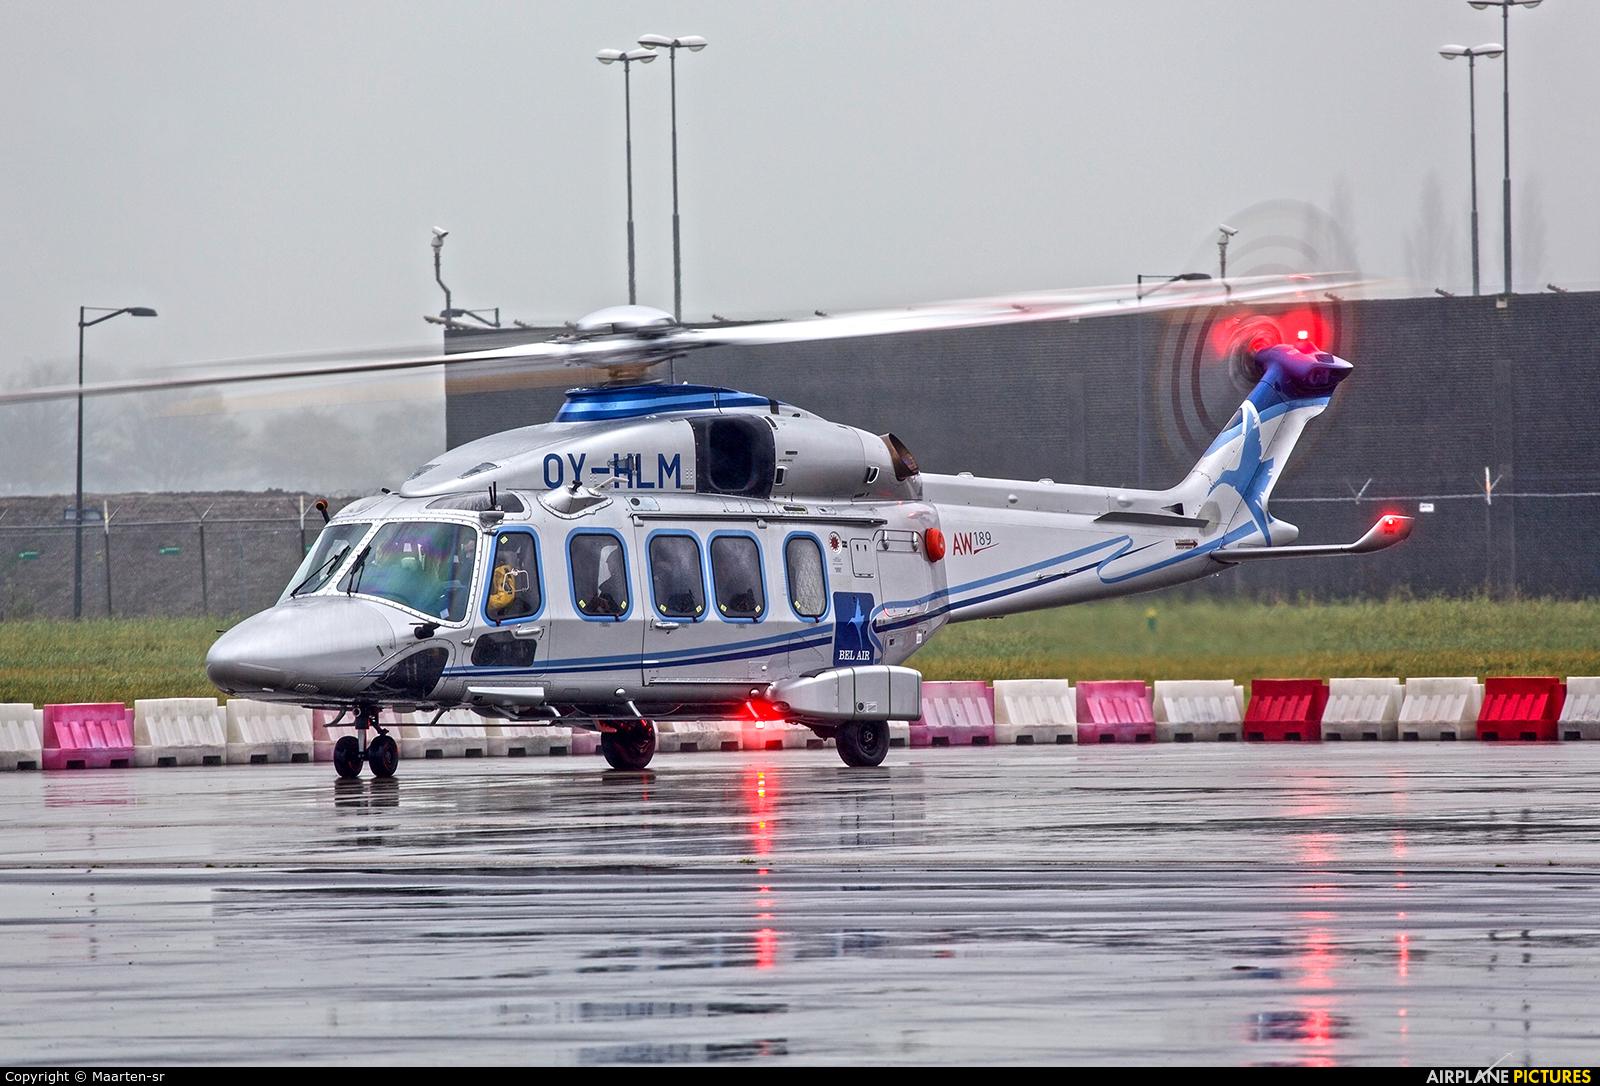 Bel Air Aviation OY-HLM aircraft at Rotterdam